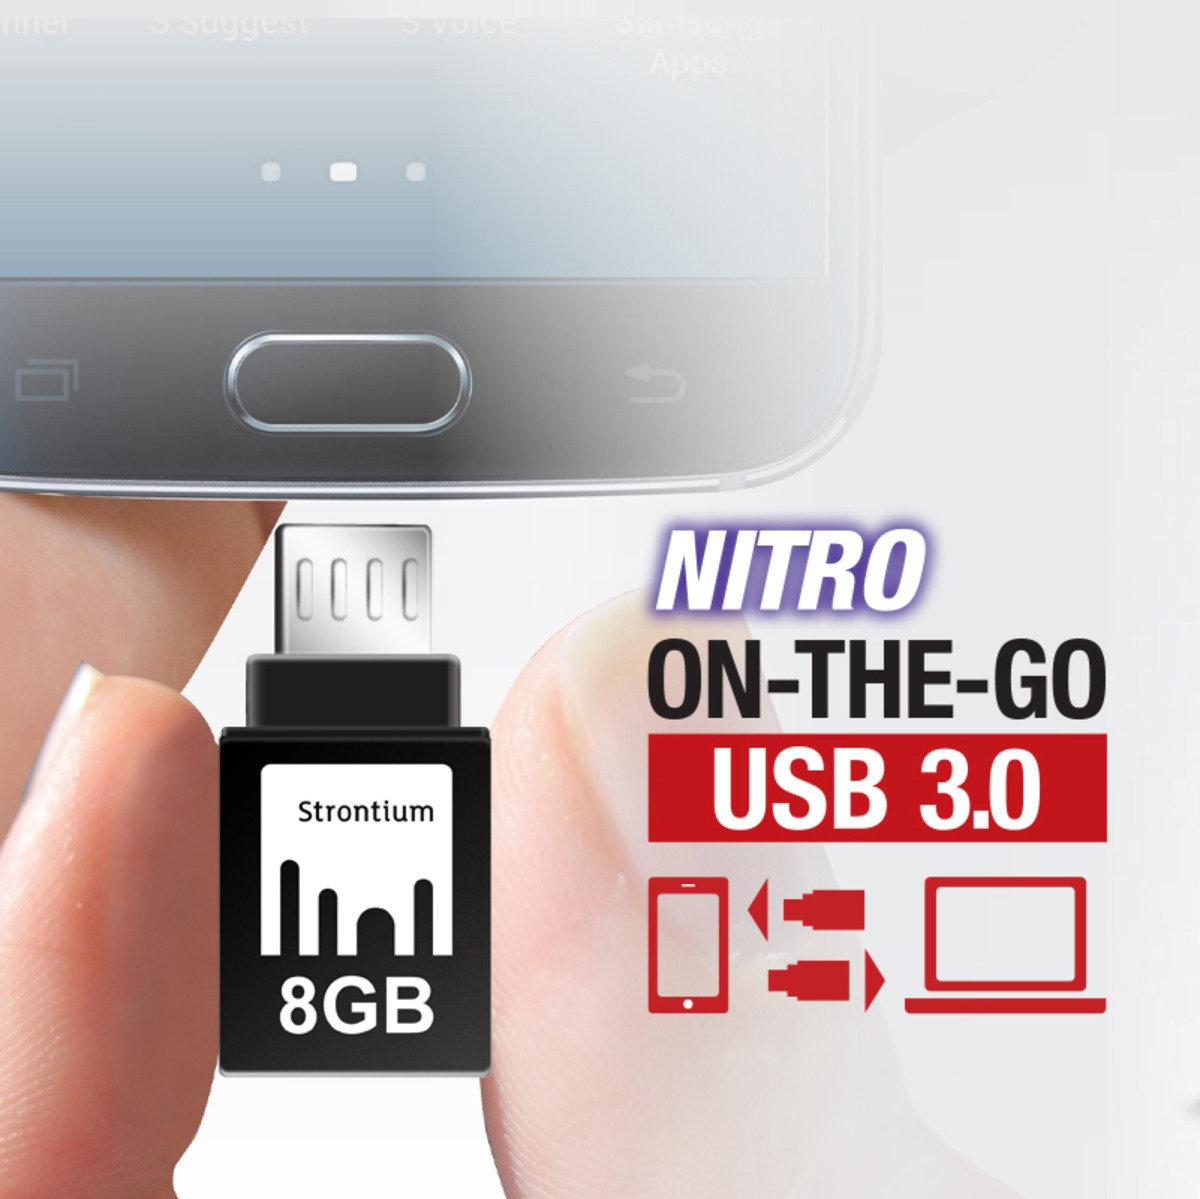 NITRO OTG 8GB USB 3.0 高速雙用隨身碟